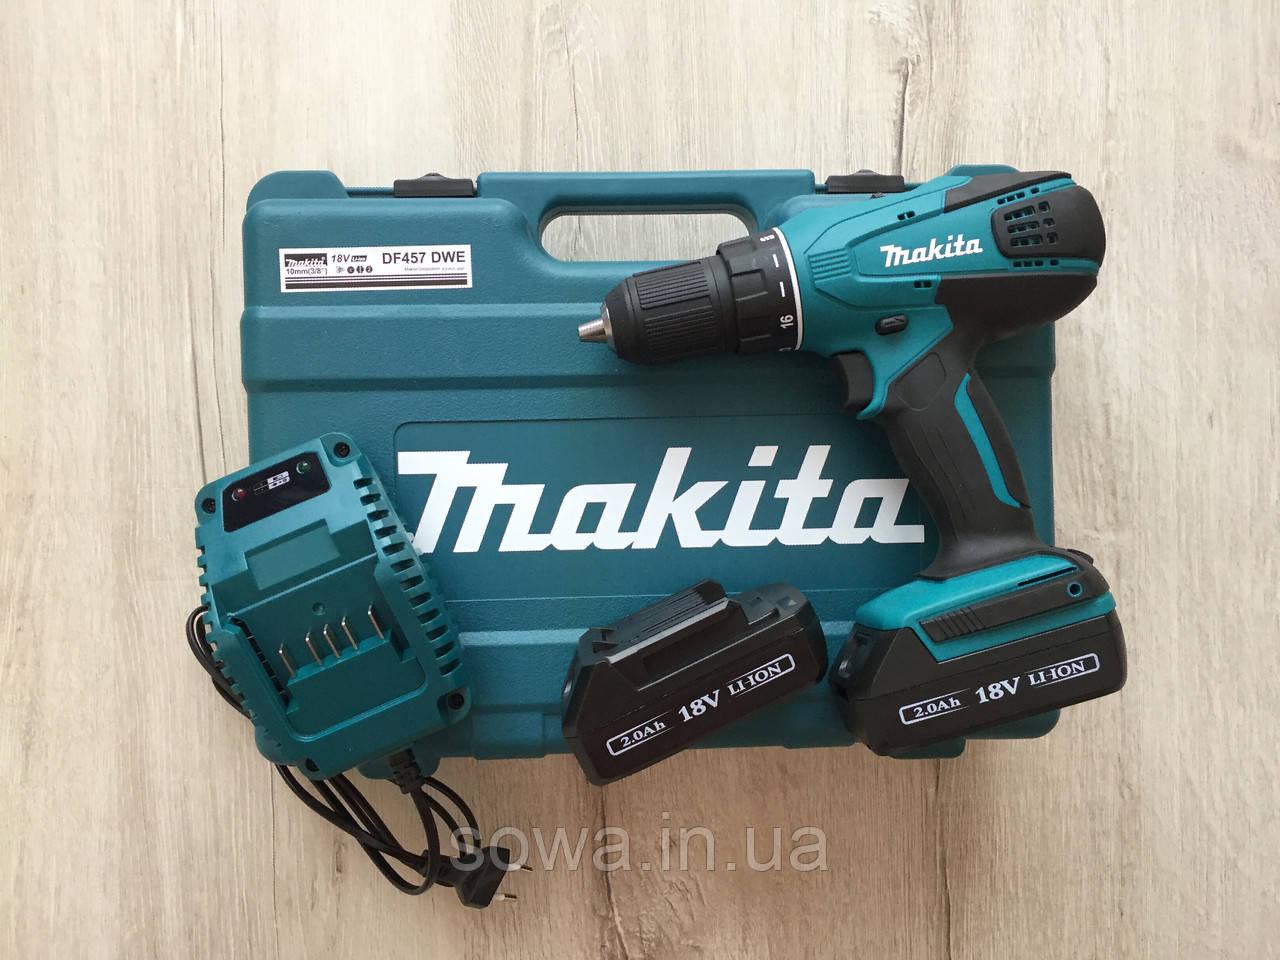 ✔️ Шуруповерт Makita DF457DWE | 18V | 24Нм | LED – підсвічування